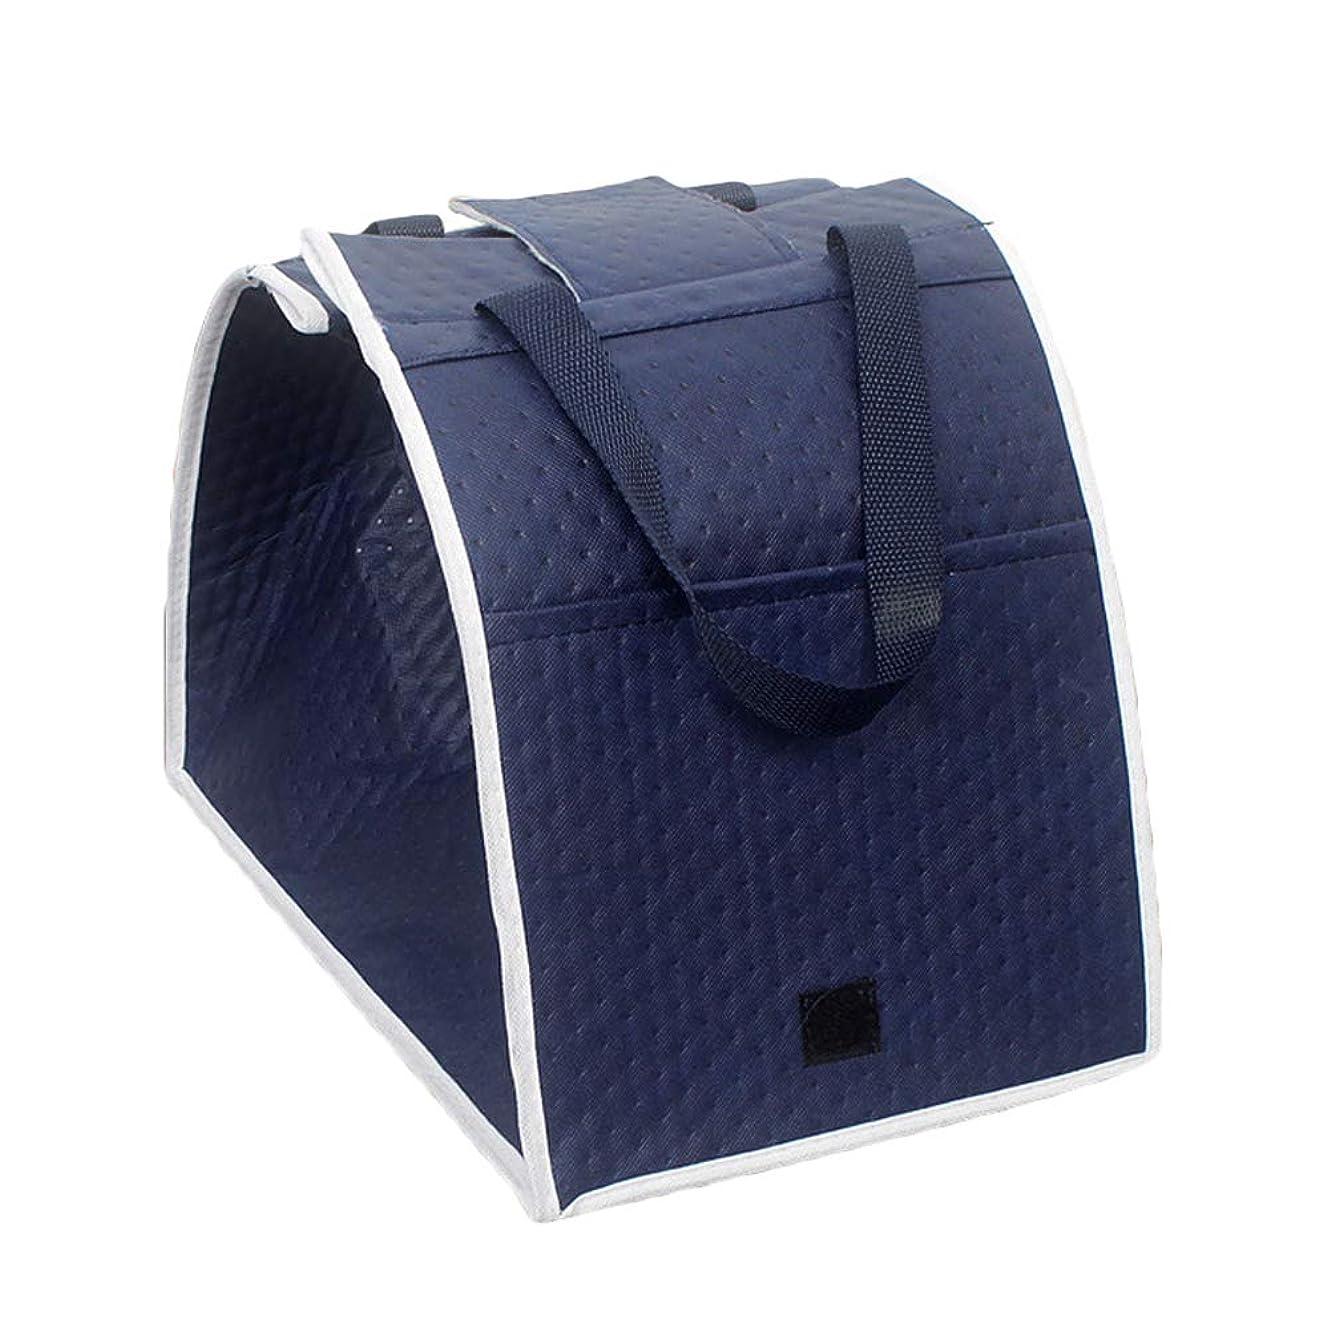 収納ボックス 収納バッグ 多機能 不織布 旅行 スーパー手提げ ピクニック用 折り畳み式 保温